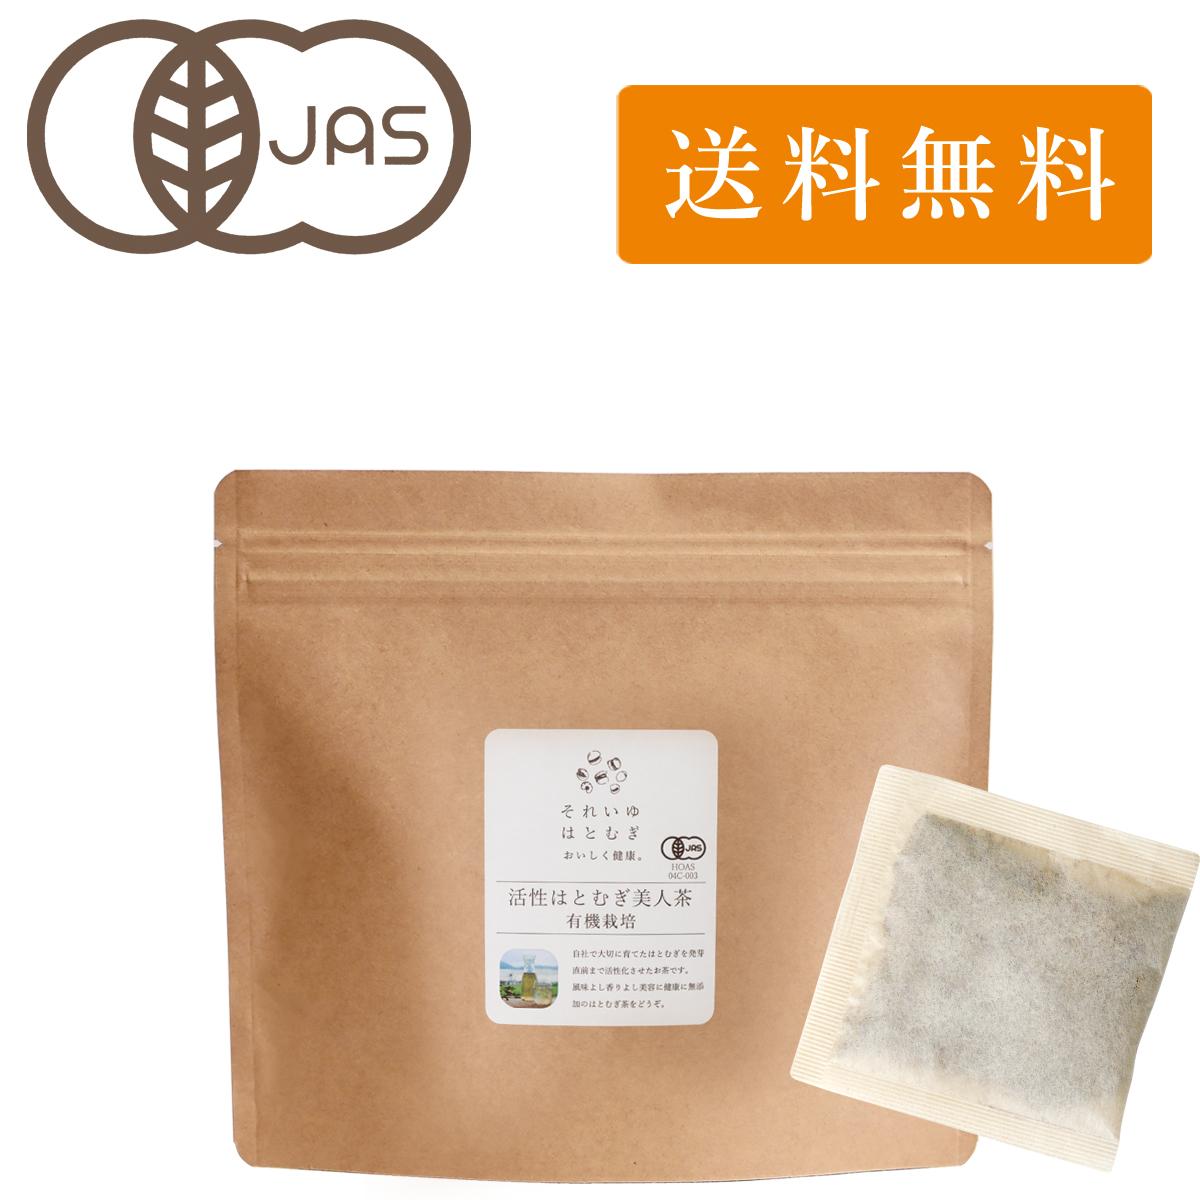 活性はとむぎ美人茶 有機農産物 20袋入